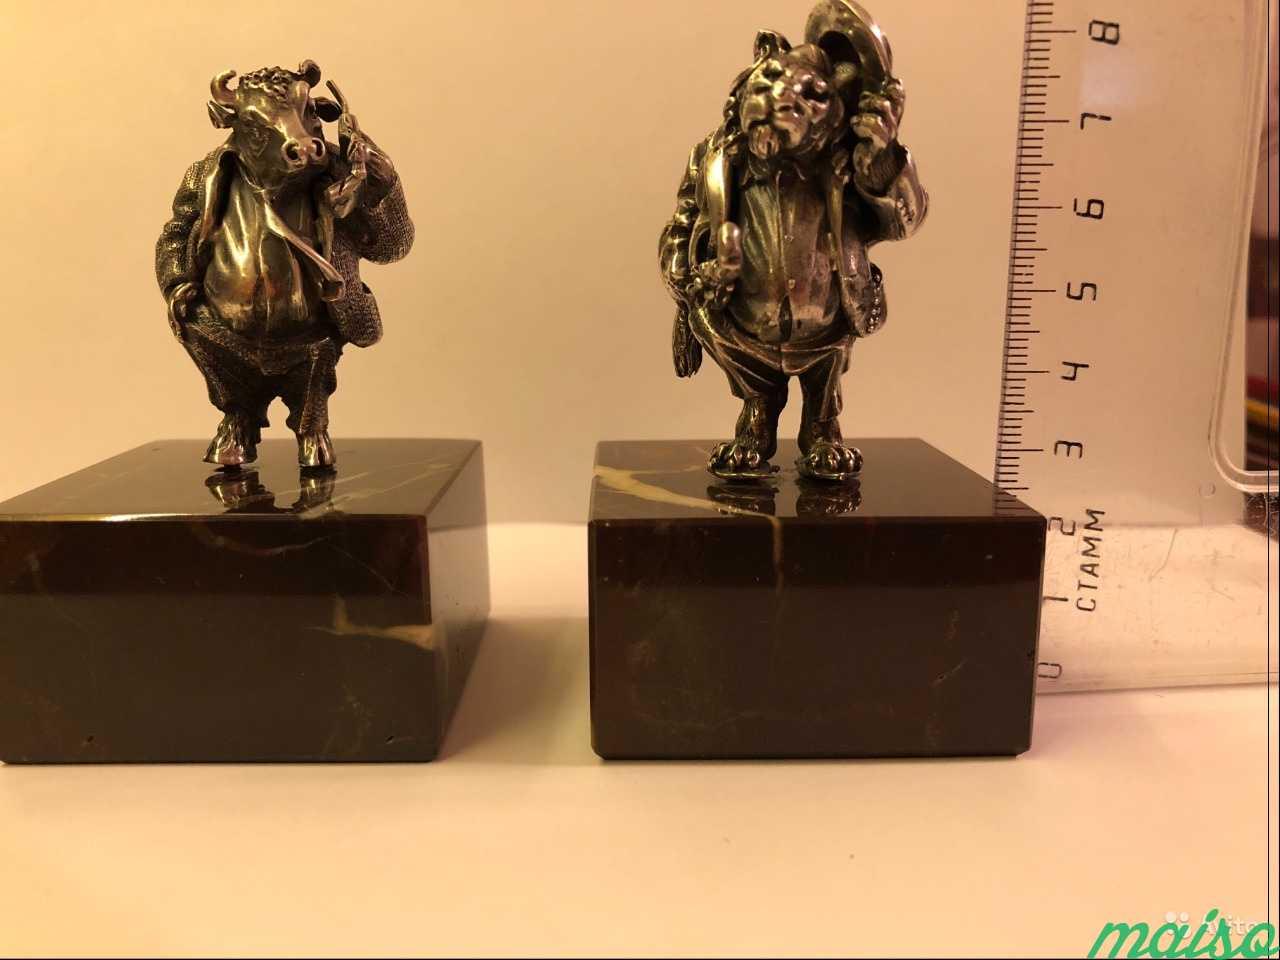 Ювелирные изделия из серебра бык и лев в Москве. Фото 5